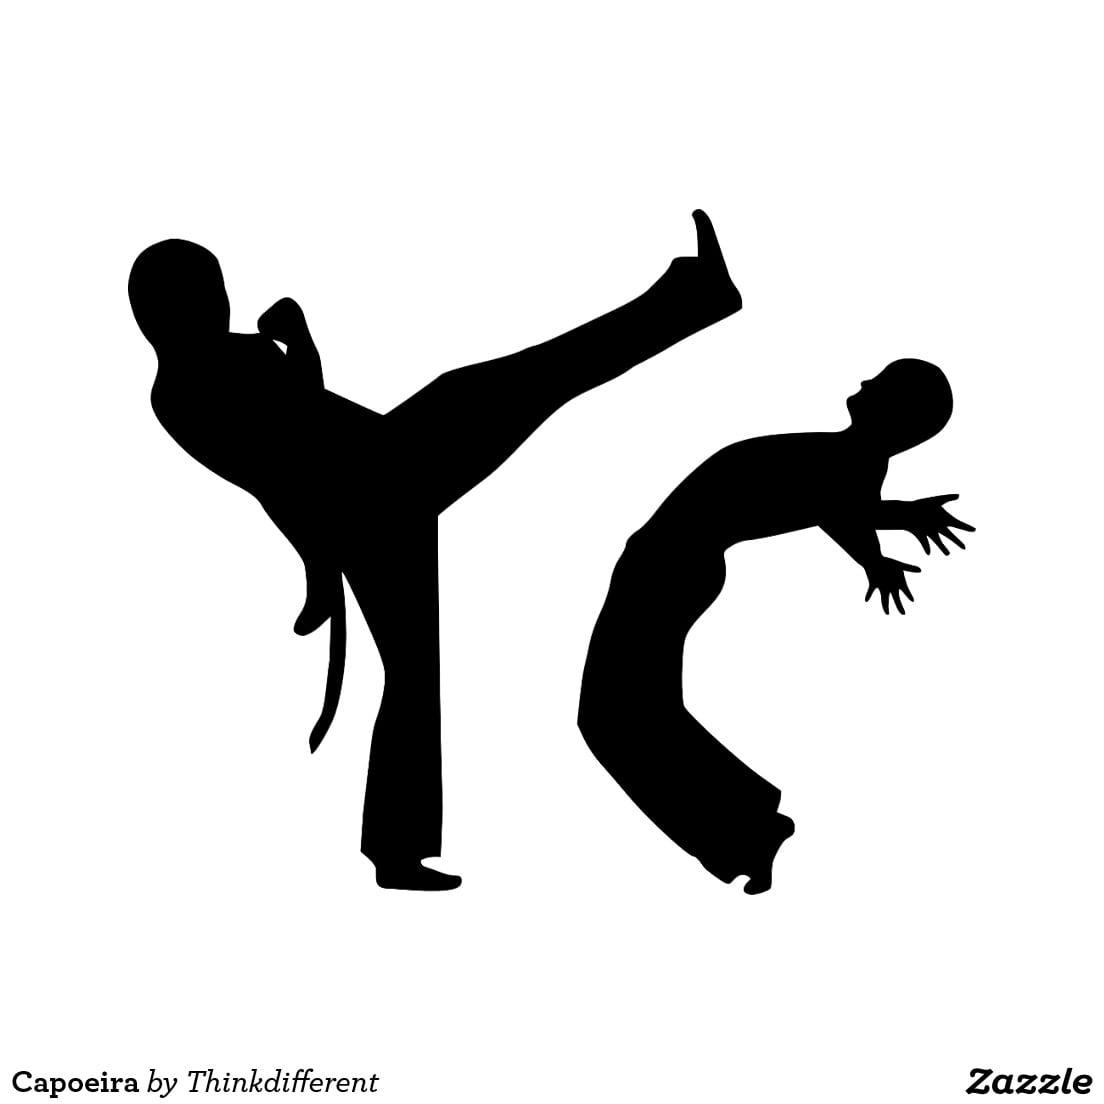 Imagens Simbolo Capoeira